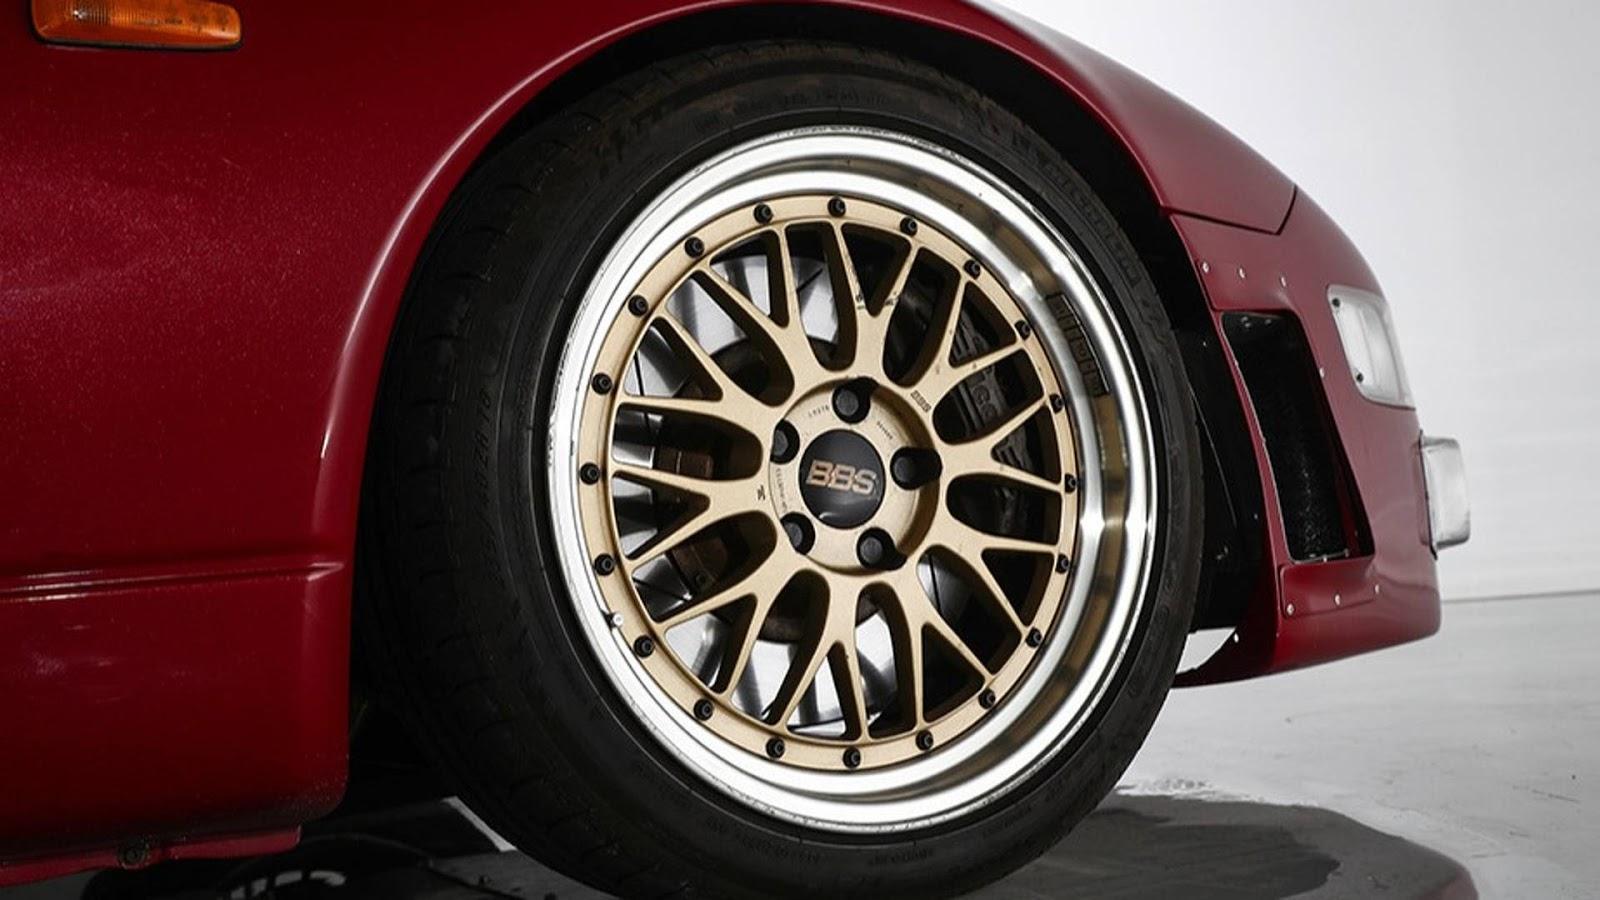 Jun Bonneville Nissan 300ZX For Sale (8)